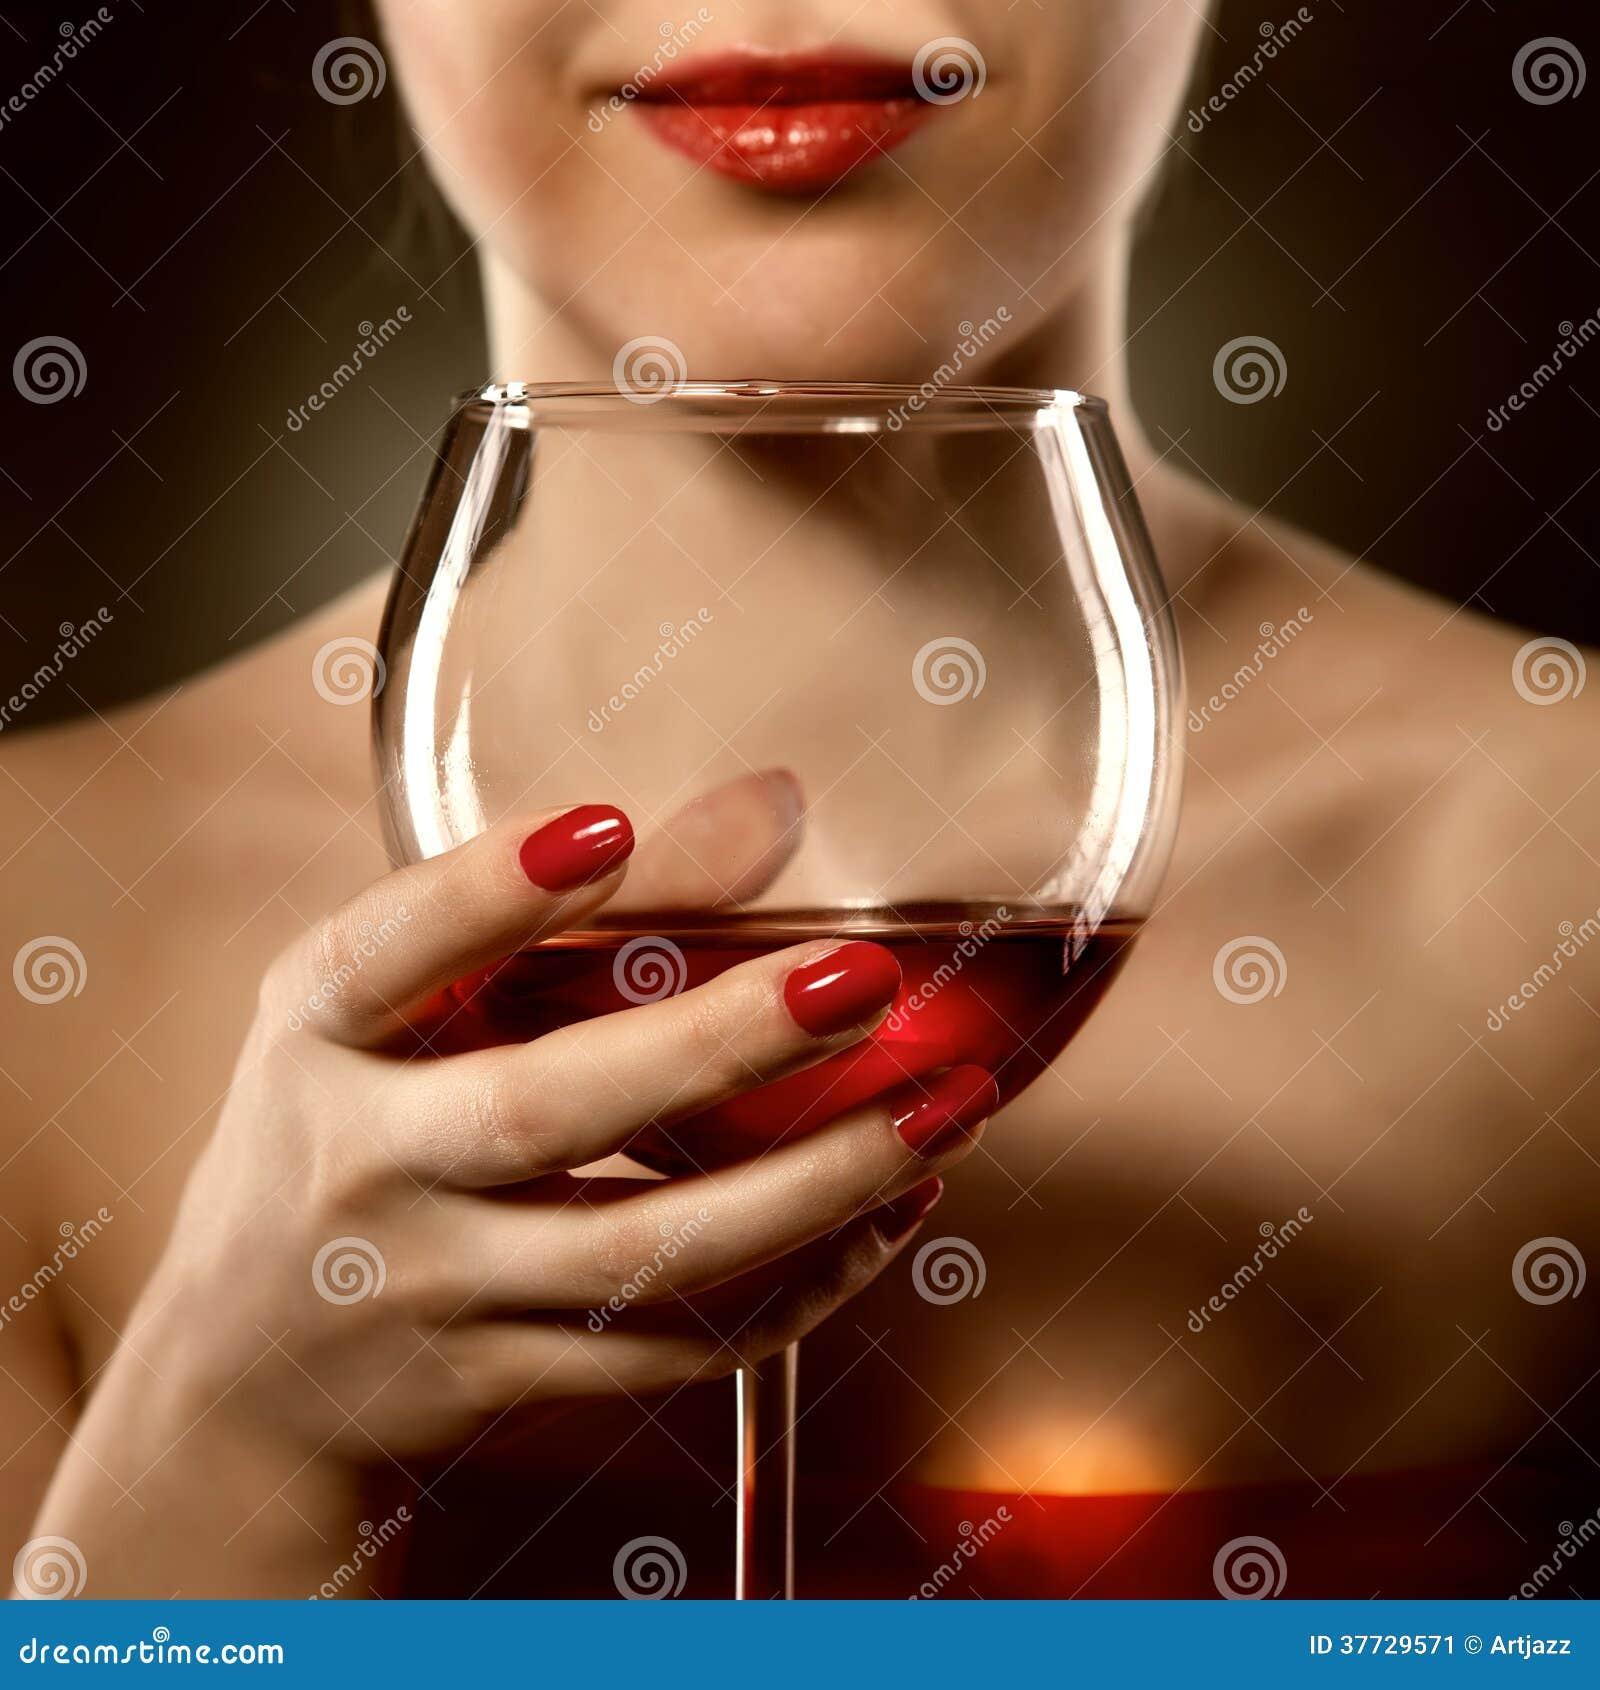 Mujeres con pechos de copa c